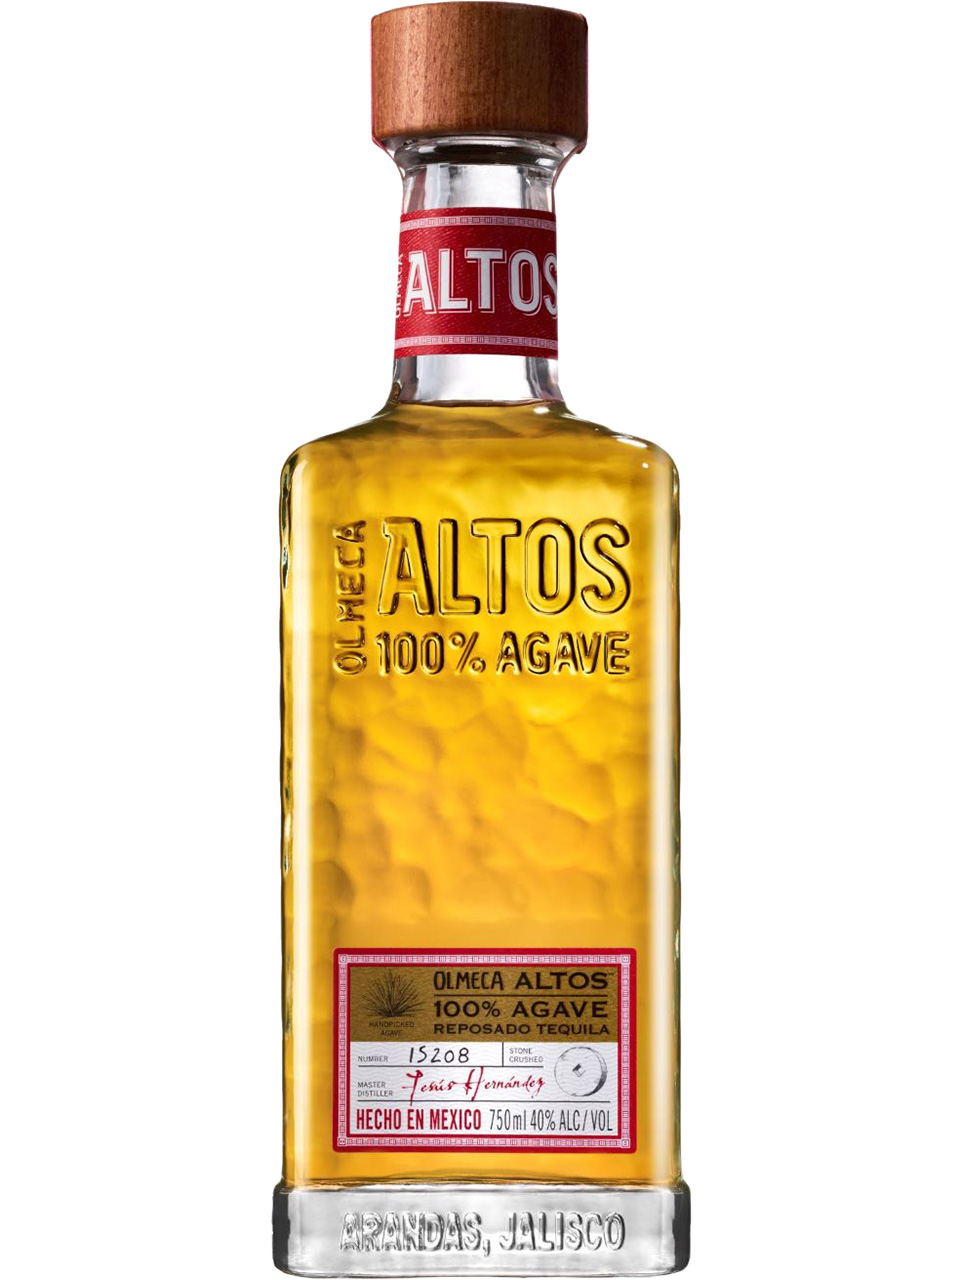 Olmeca Altos Resposado Tequila